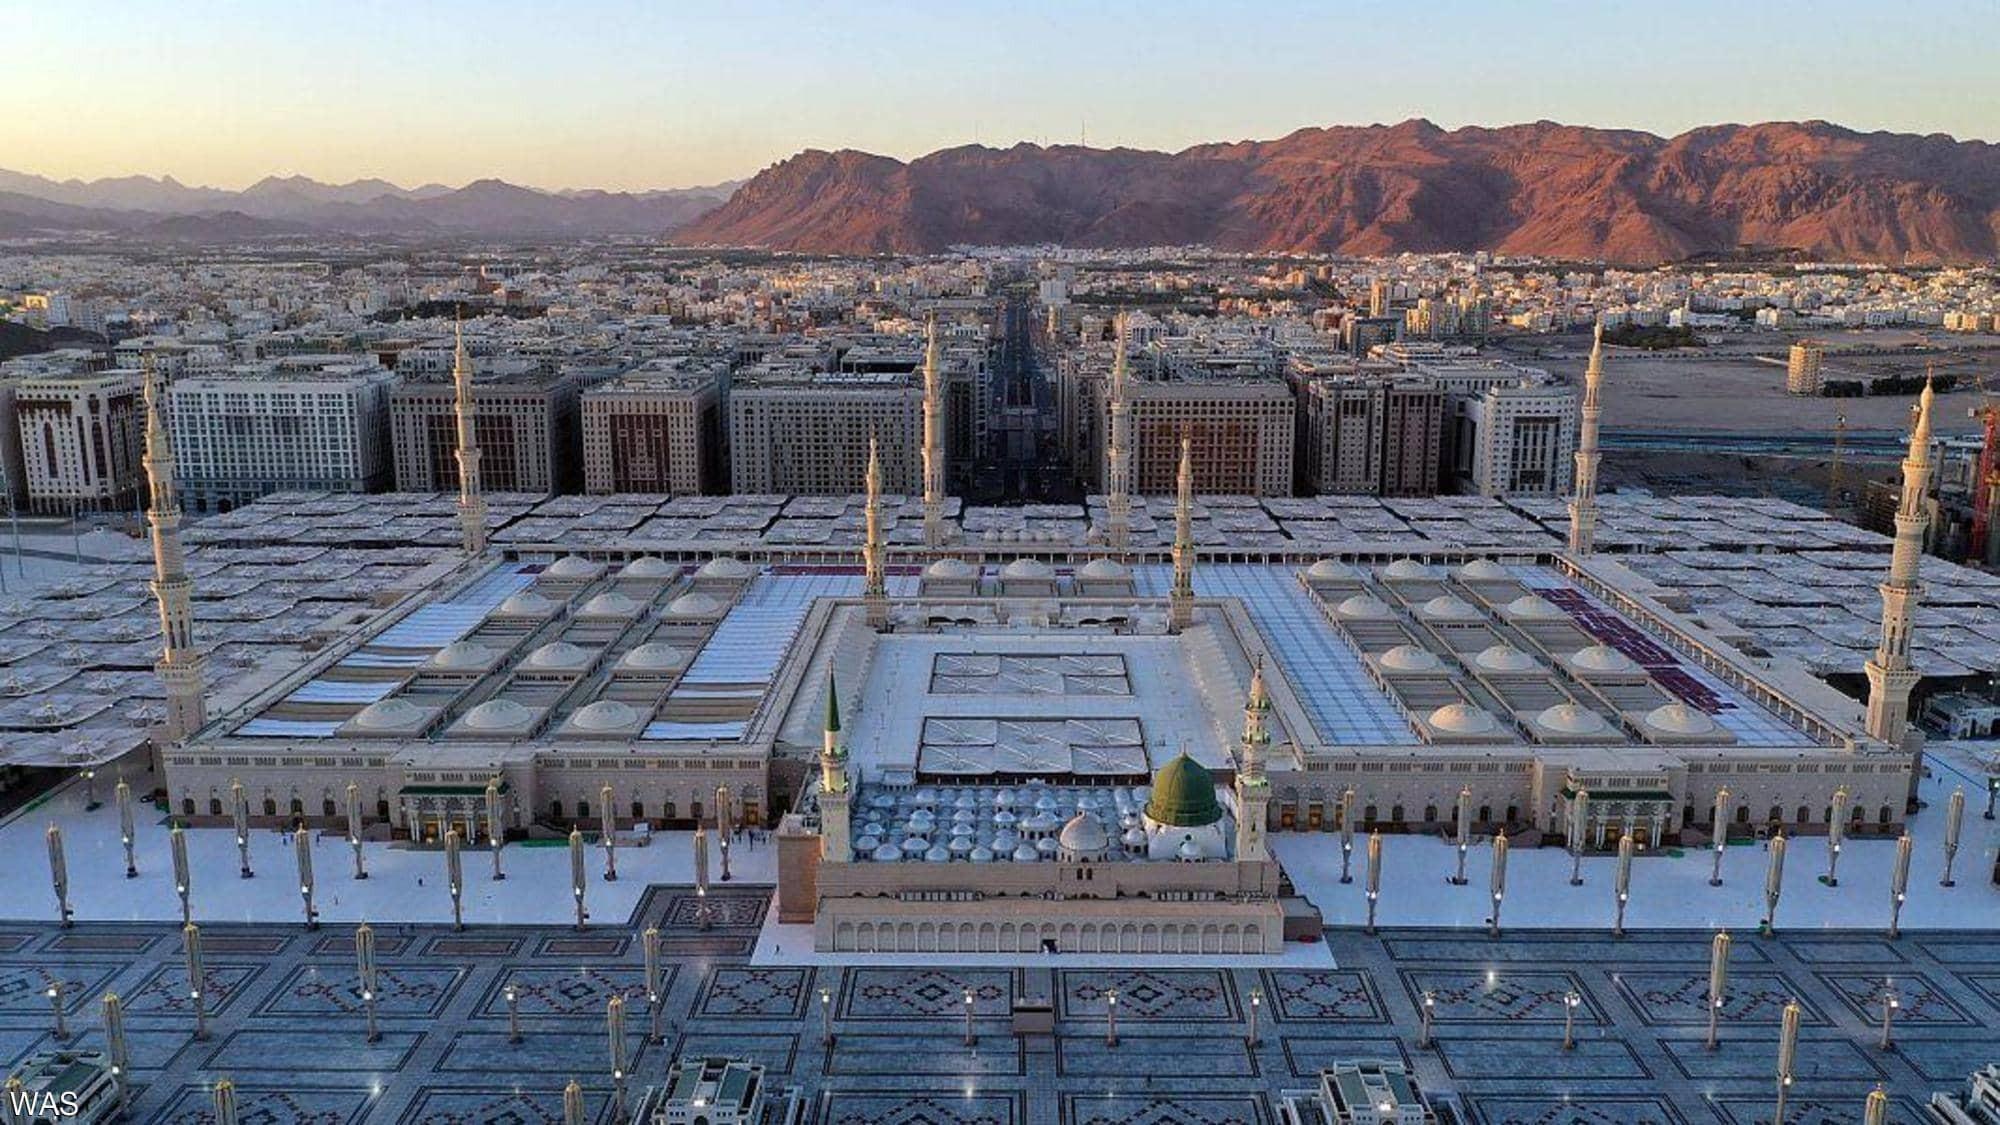 بالفيديو الصور: شاهد الالتزام المجتمعي في المسجد النبوي